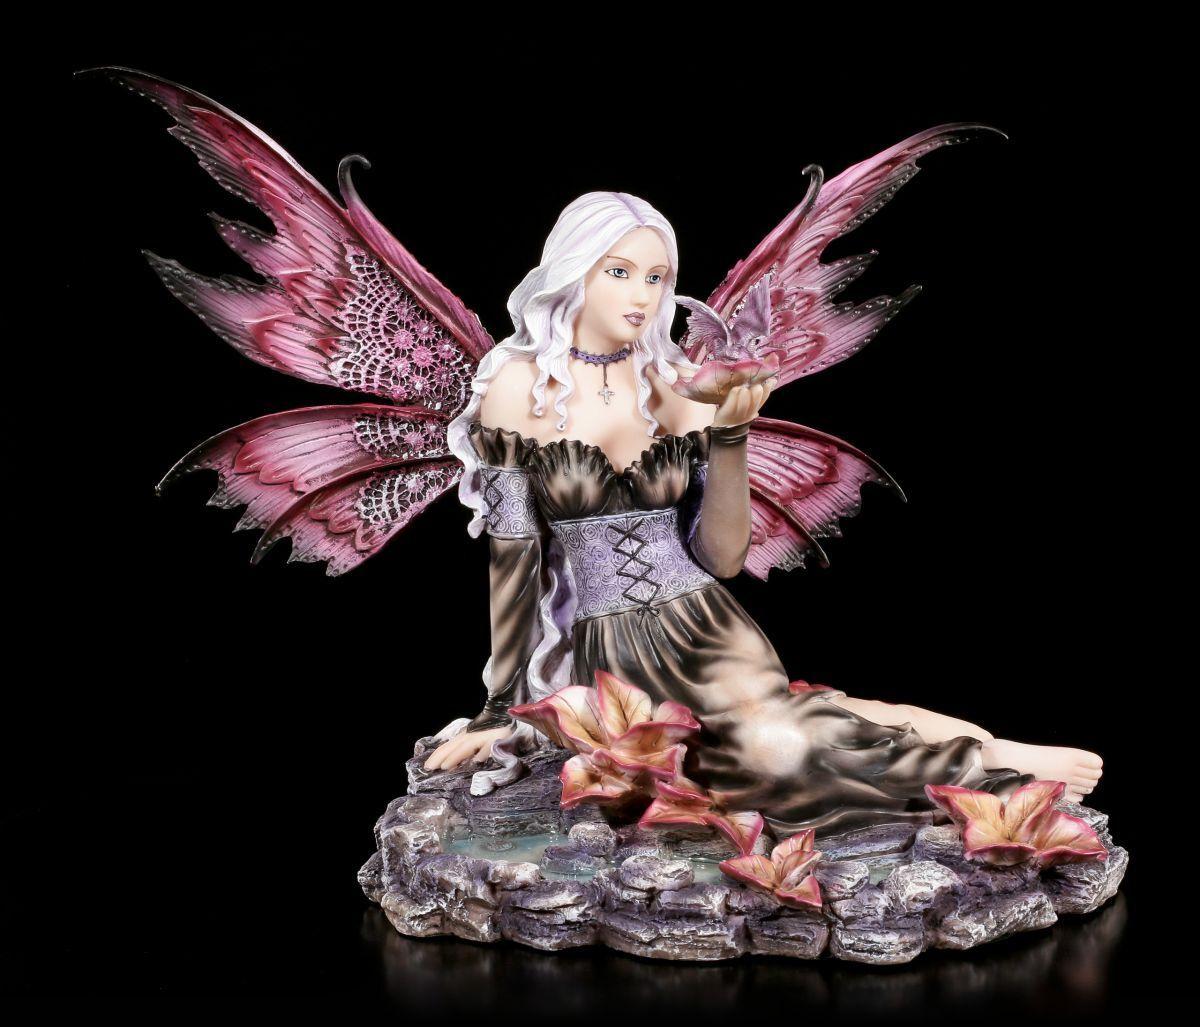 Duendes, orquídeas, demonios, hada magia estatua.